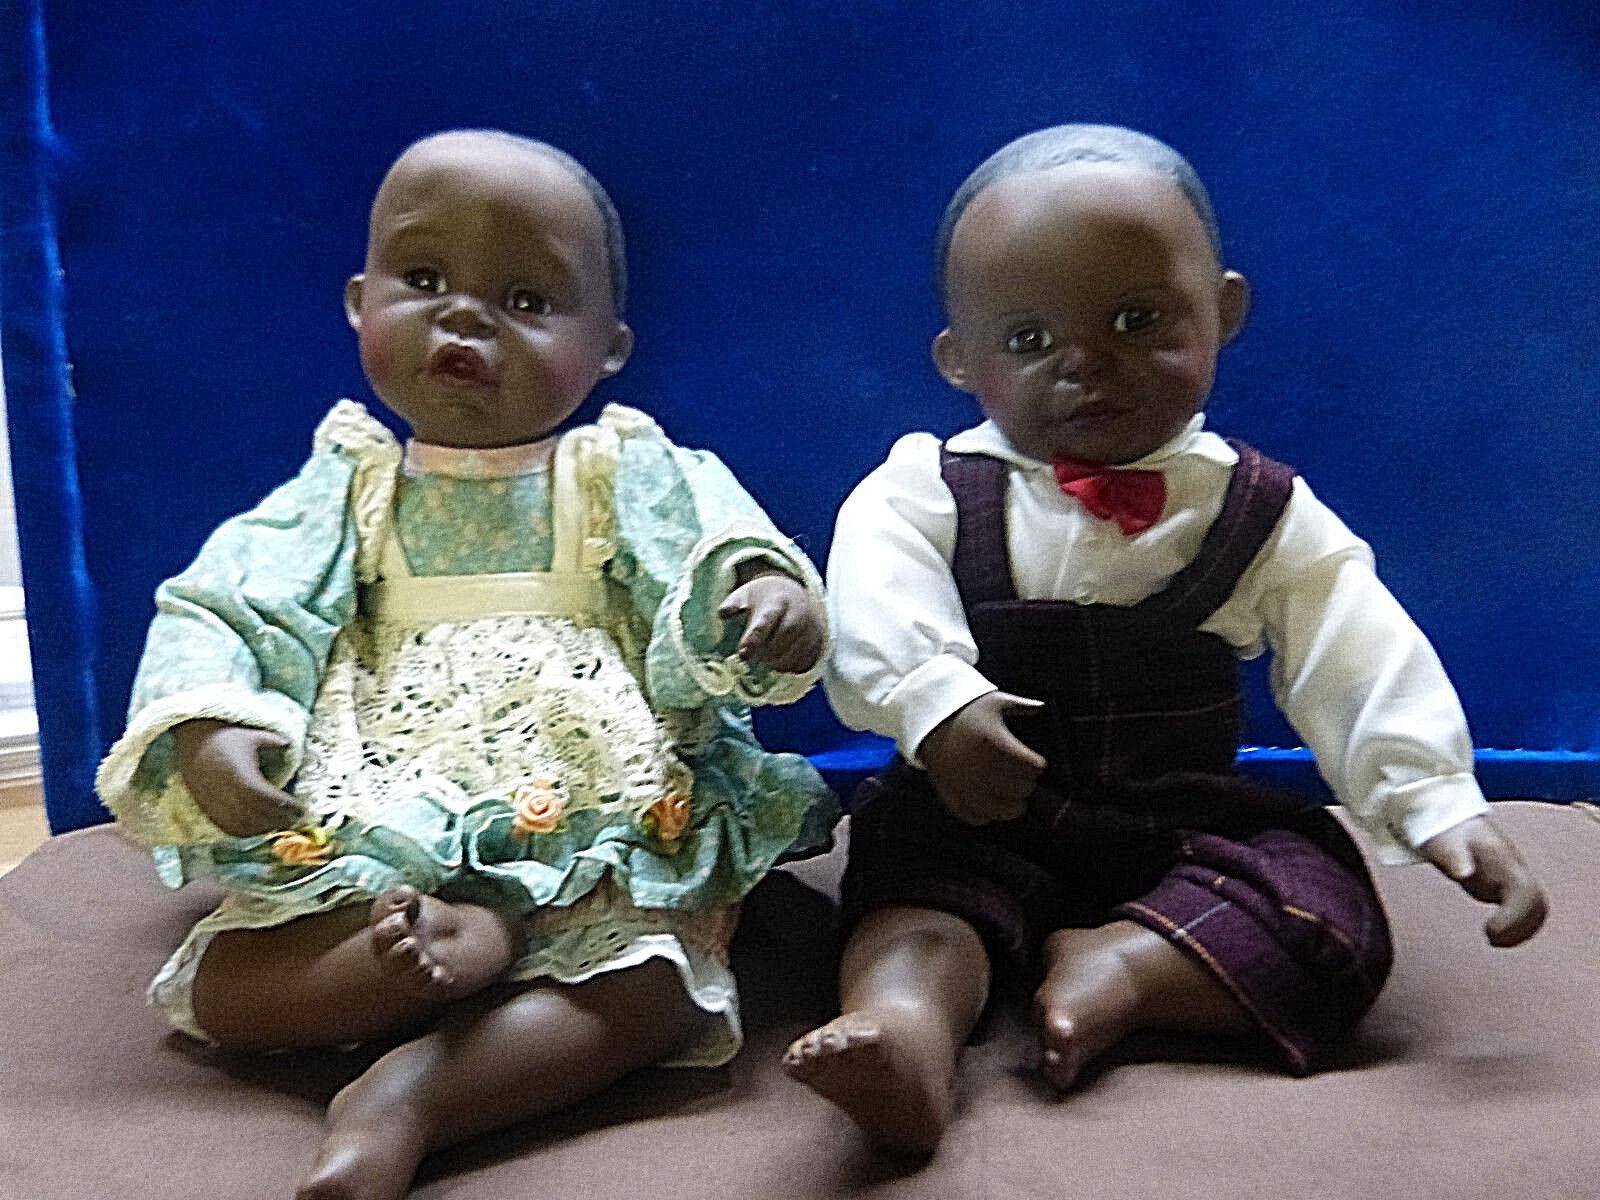 13053. 13053. 13053. Puppen Pärchen Puppenpaar dunkelhäutig Yolanda Bella 8bcda1